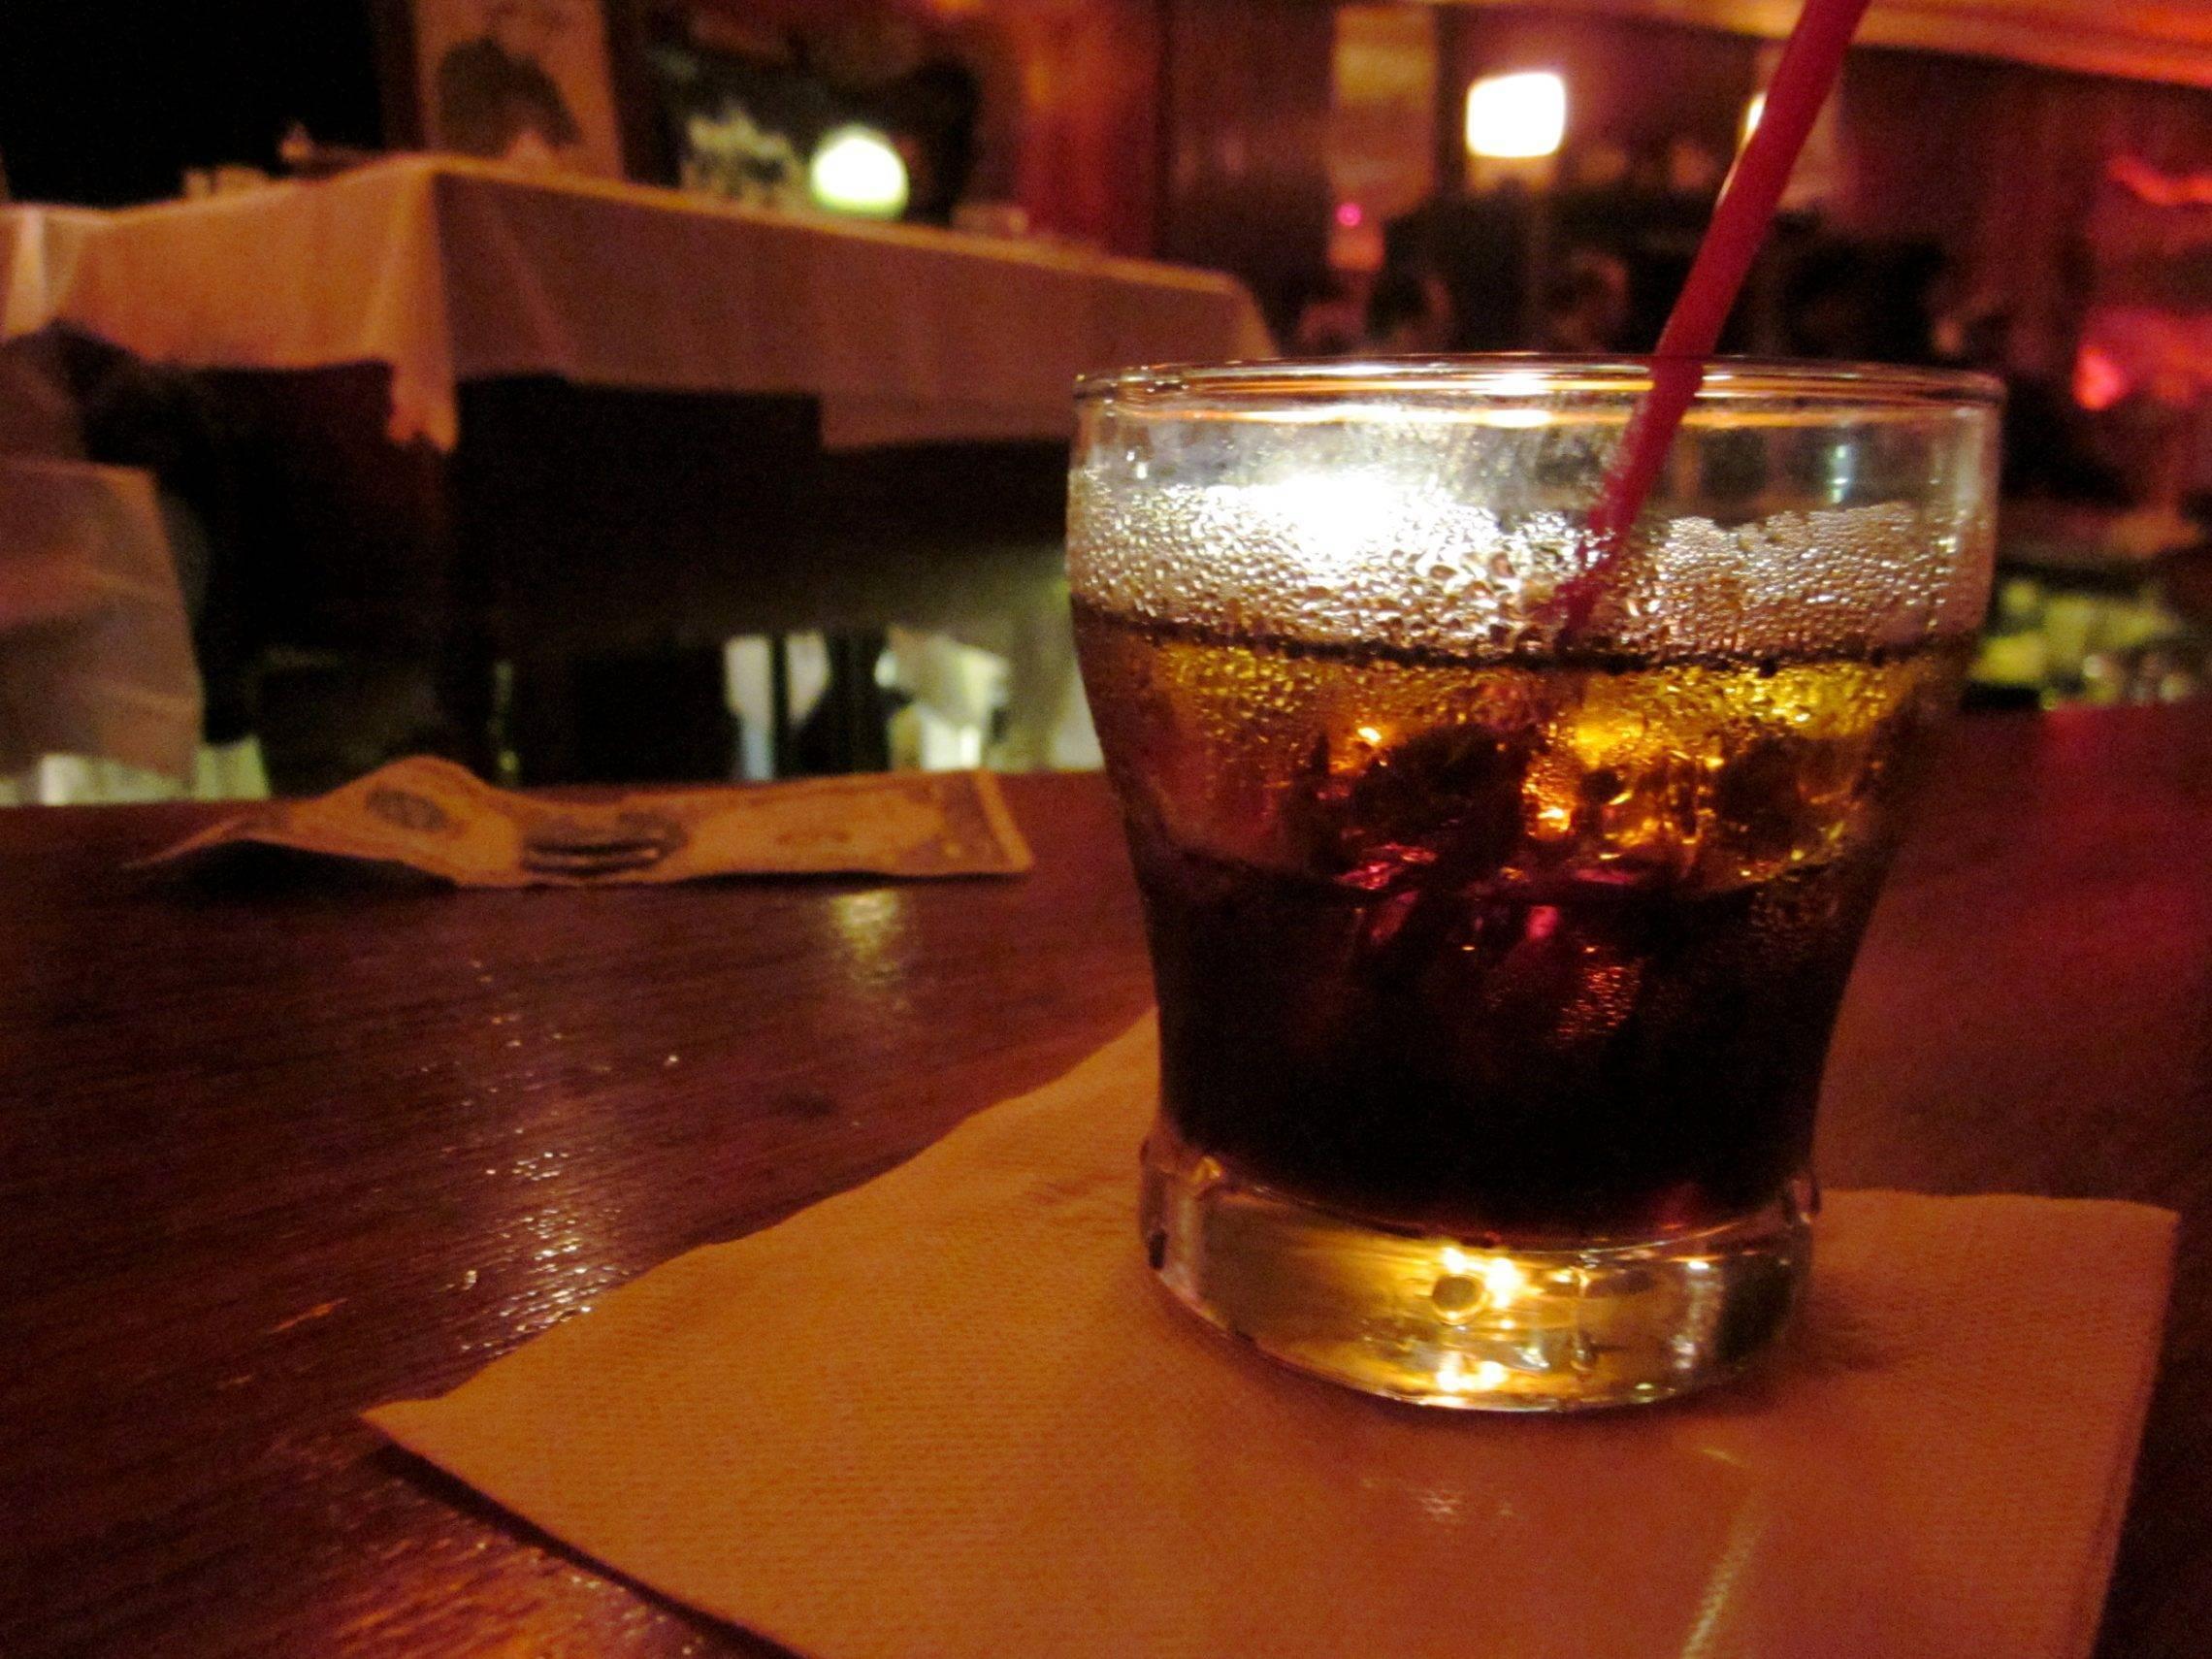 Черный русский коктейль: состав, рецепт приготовления в банке, история создания напитка